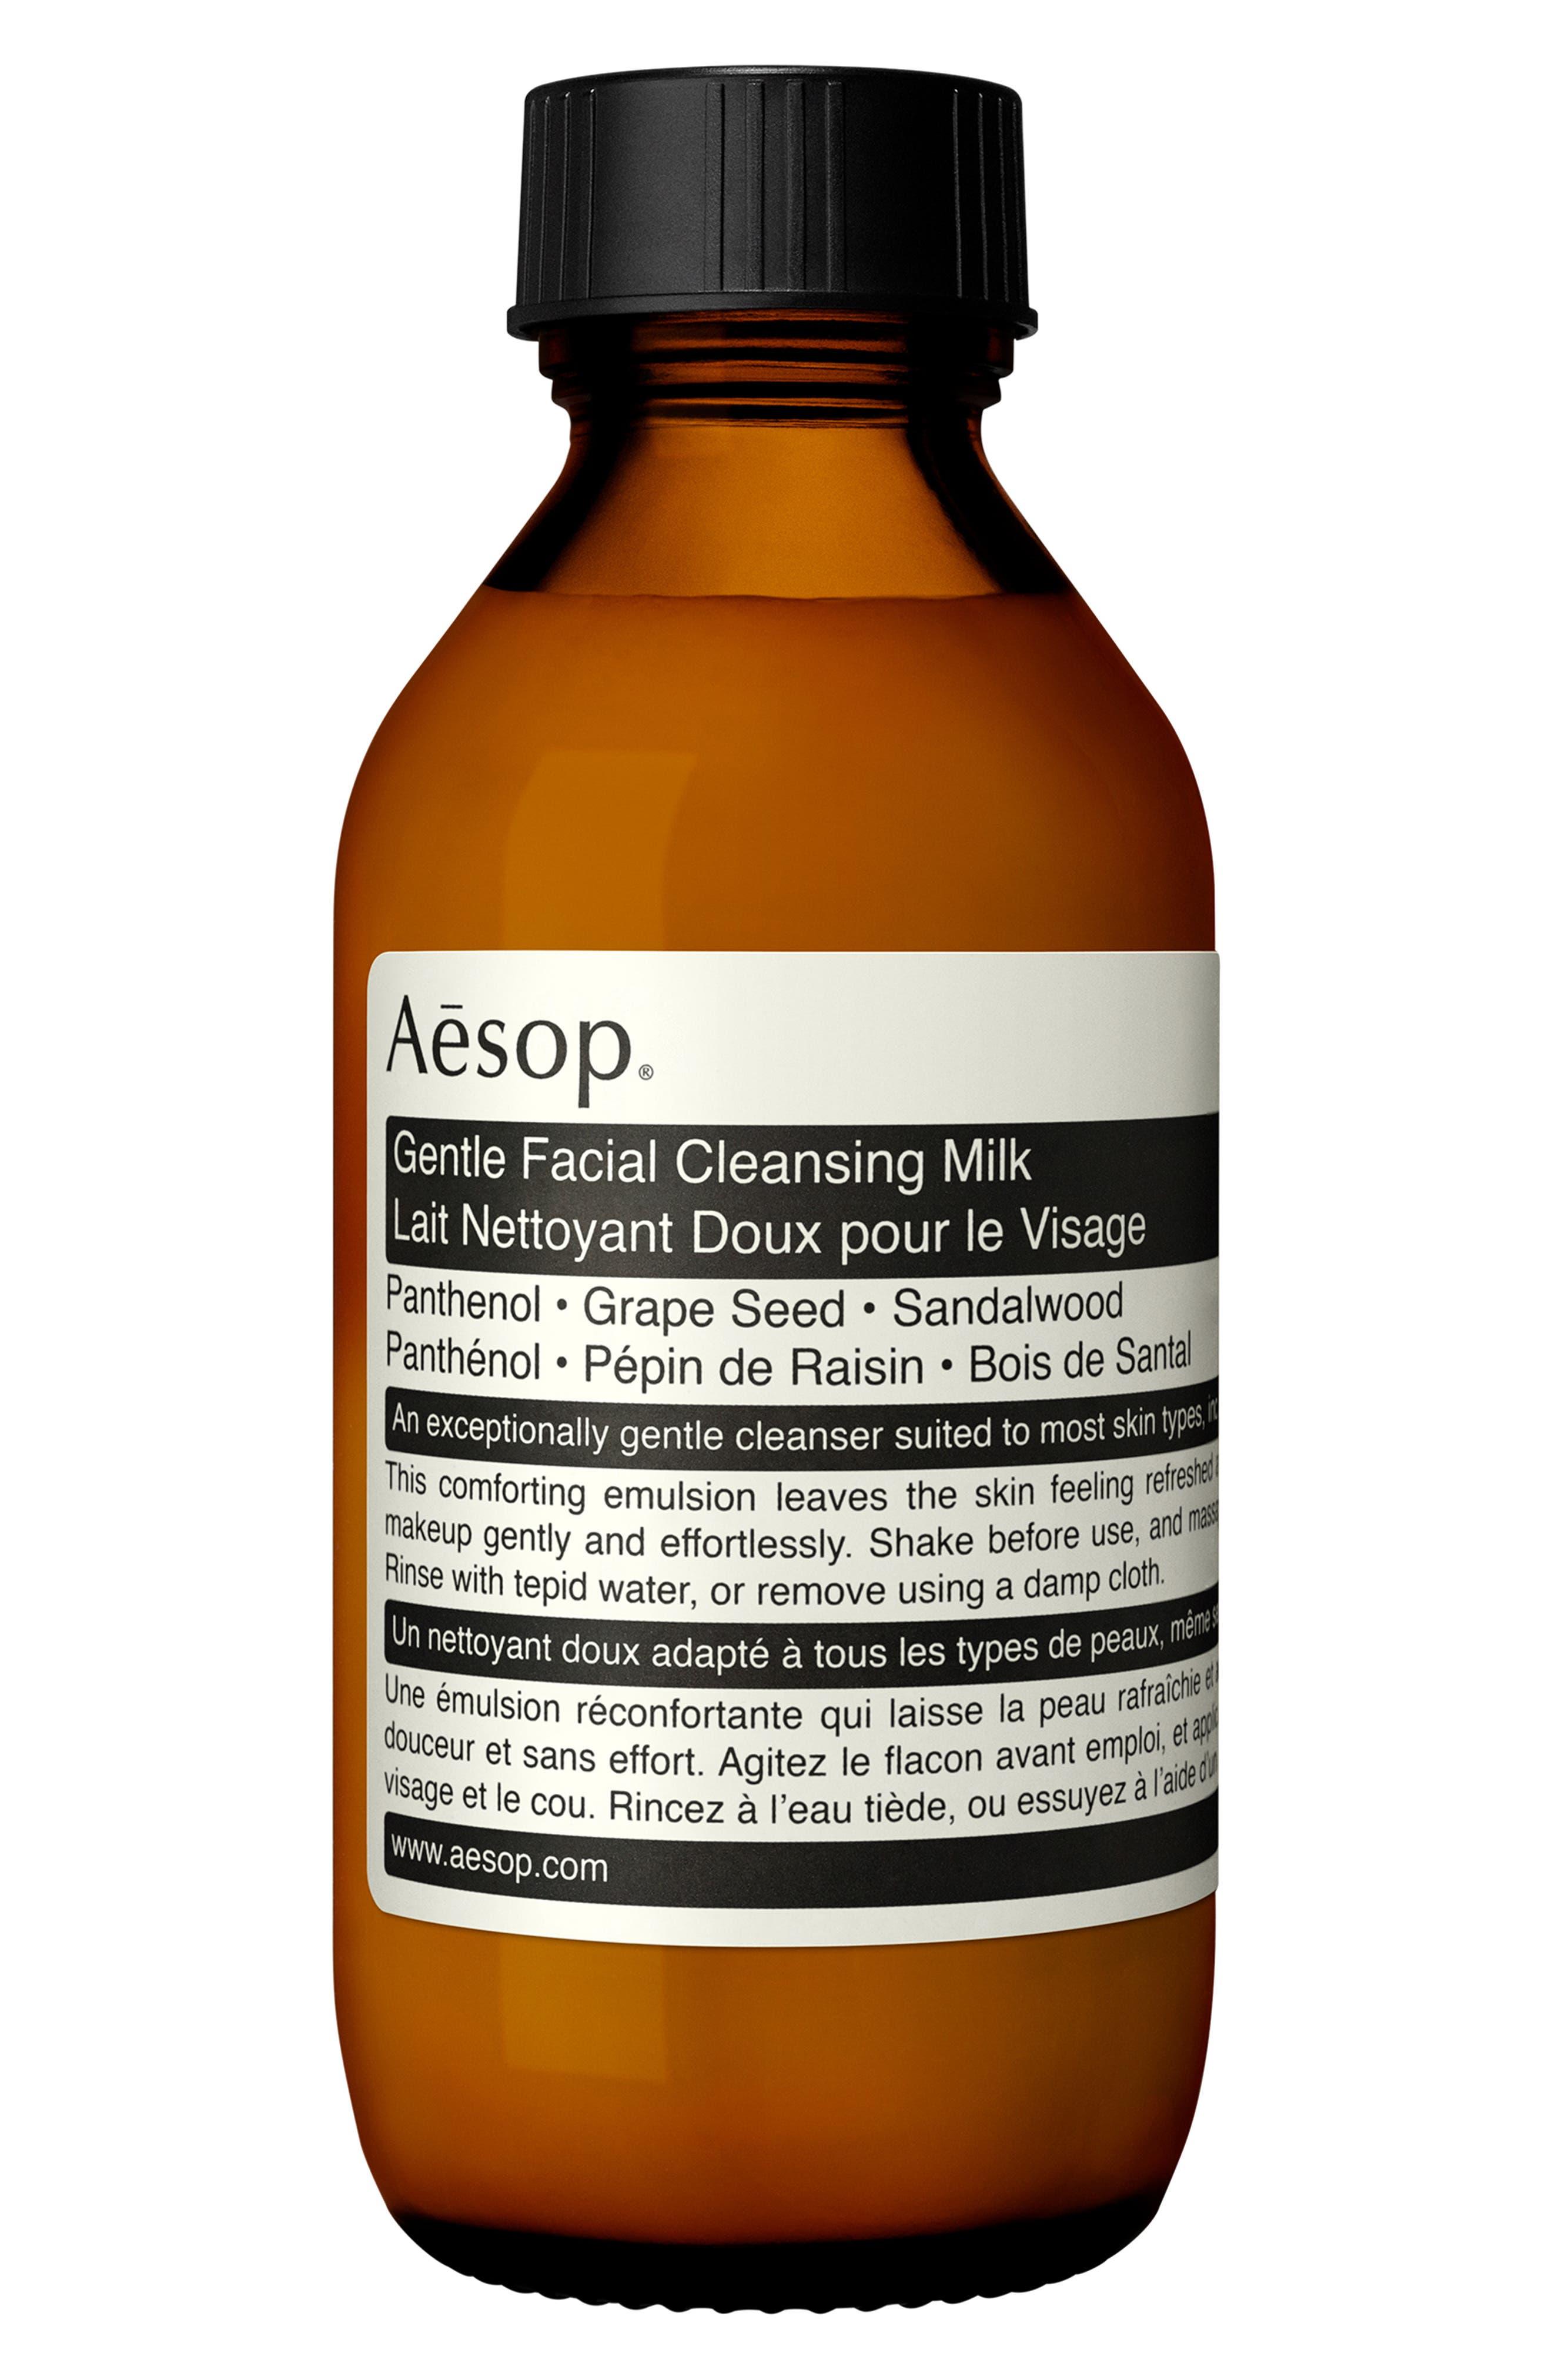 Gentle Facial Cleansing Milk